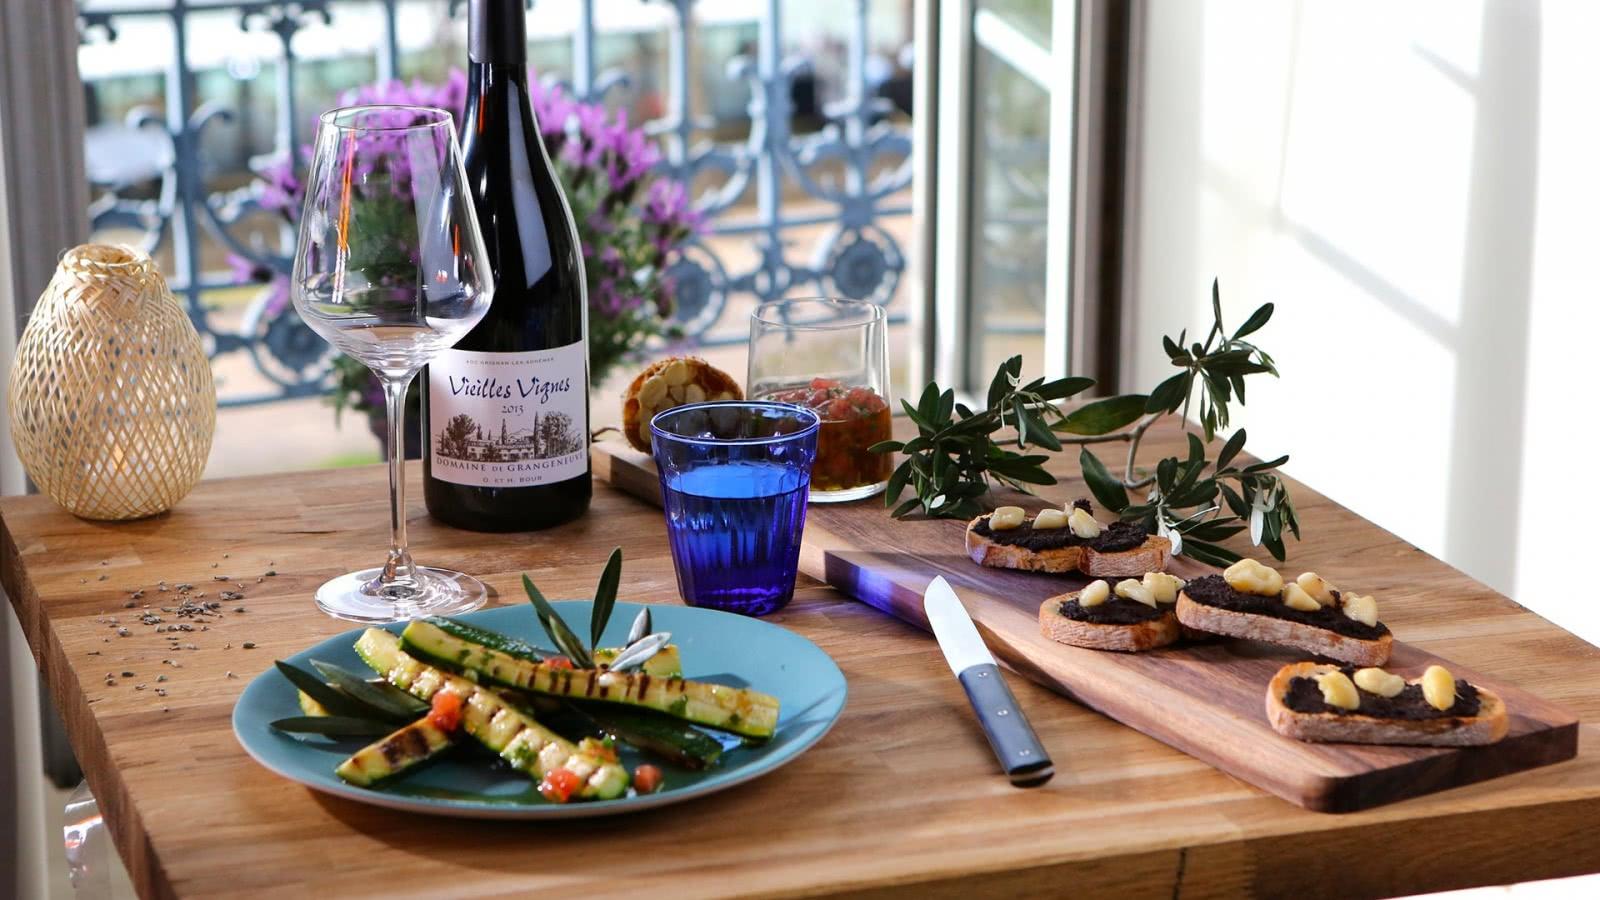 Courgettes grillées, sauce vierge à l'Olive de Nyons, vin de Grignan-les-Adhémar